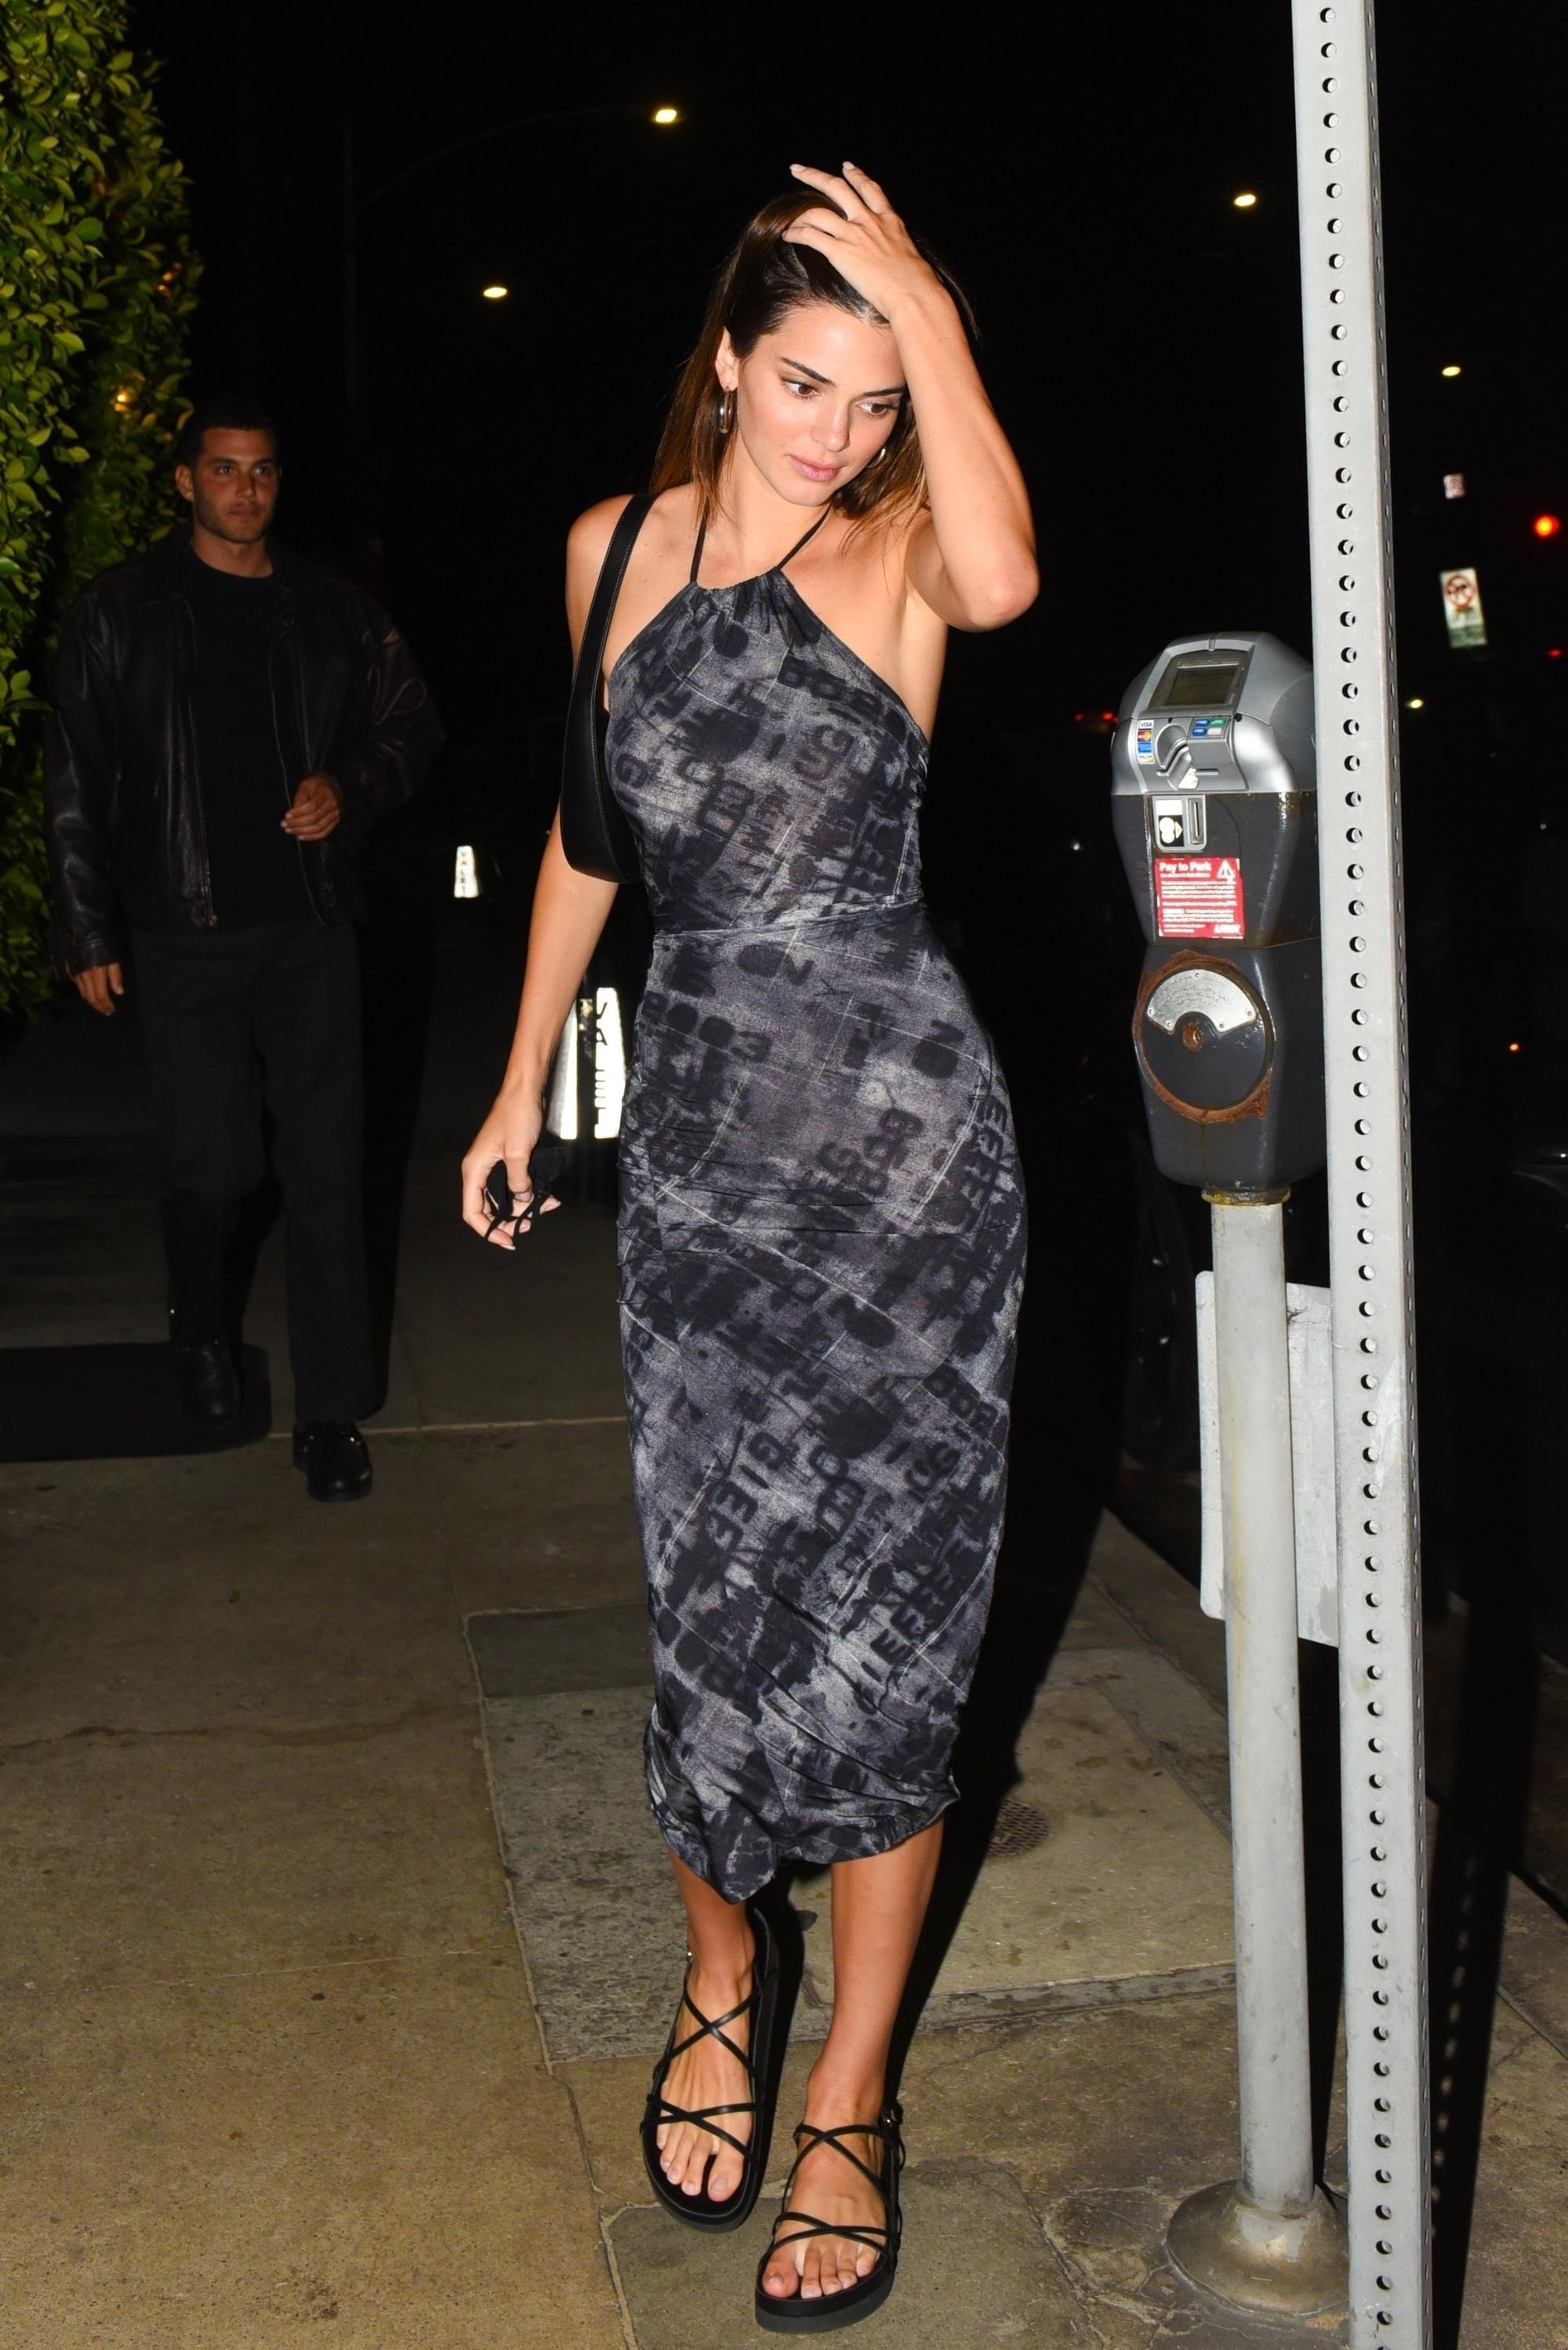 Ngất lịm với thánh body Kendall Jenner: Diện mỗi váy yếm mà sexy phát hờn, ảnh chụp vội xịn như lên tạp chí - Ảnh 1.